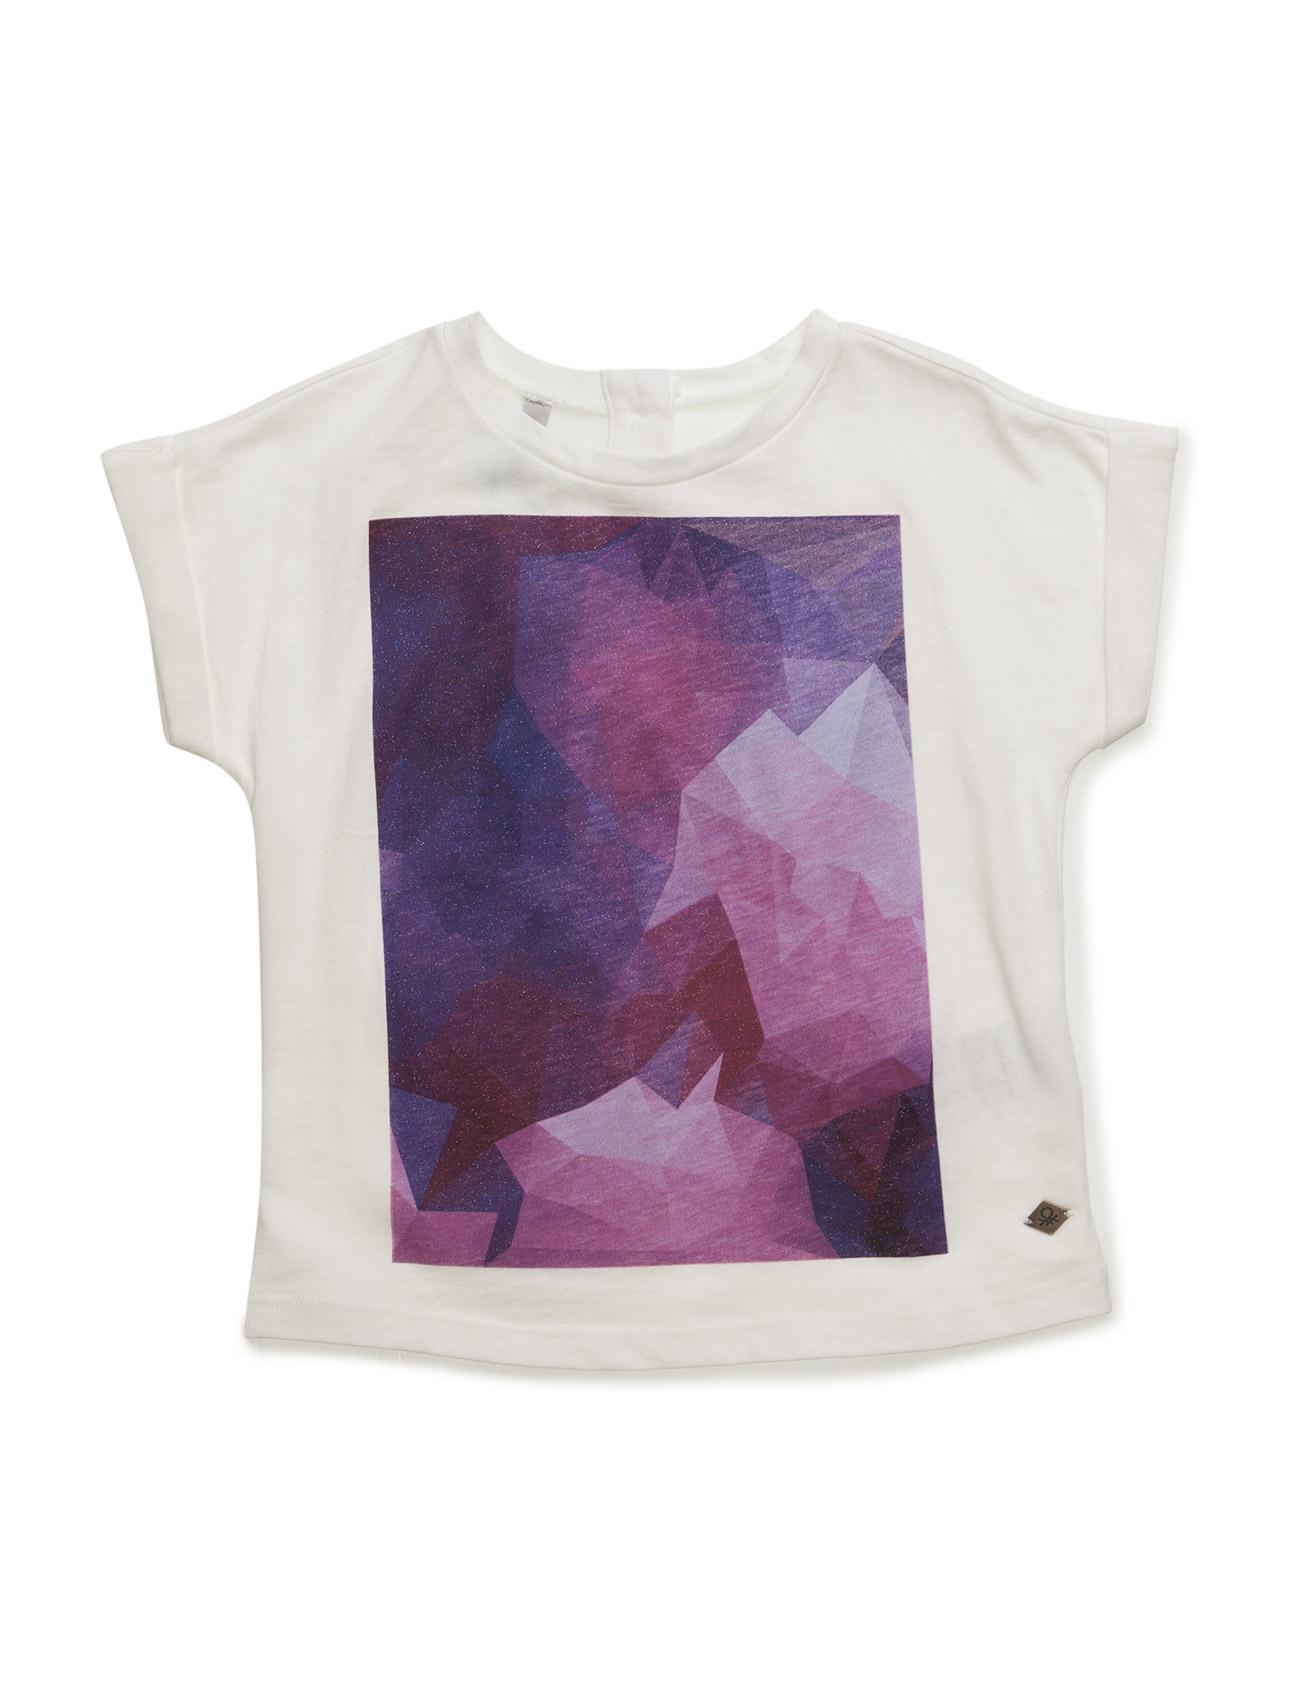 Sweater H/S United Colors of Benetton Kortærmede t-shirts til Børn i Fløde